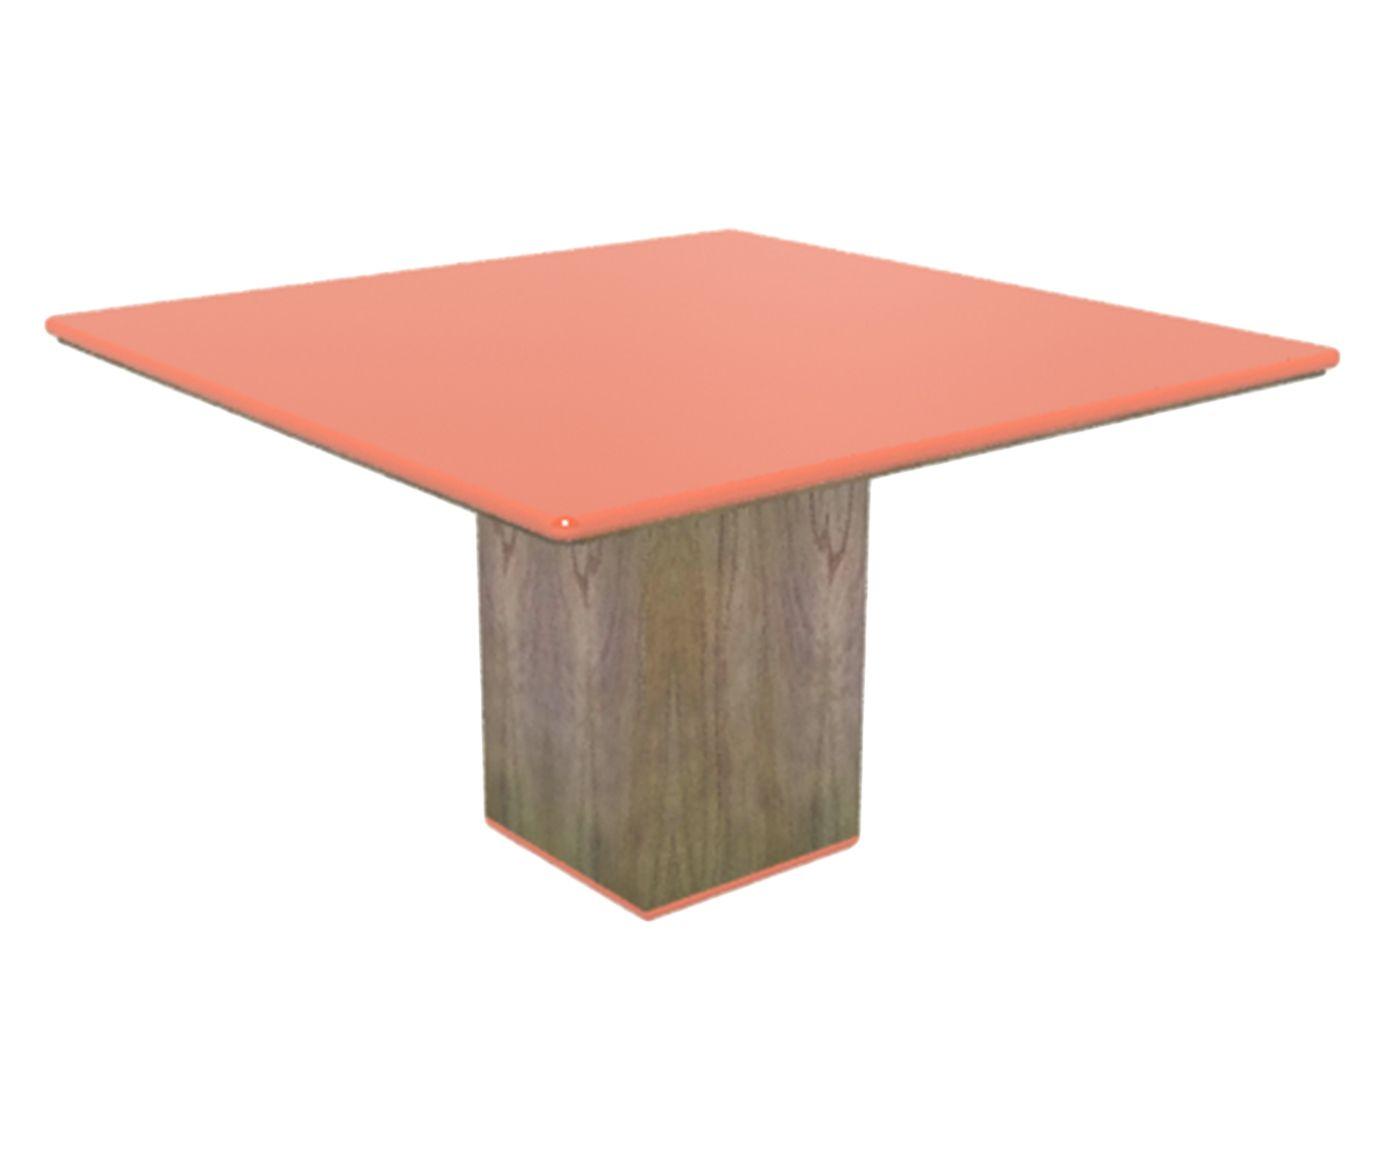 Mesa de Jantar Cananeia Vangarda - 130x130cm | Westwing.com.br